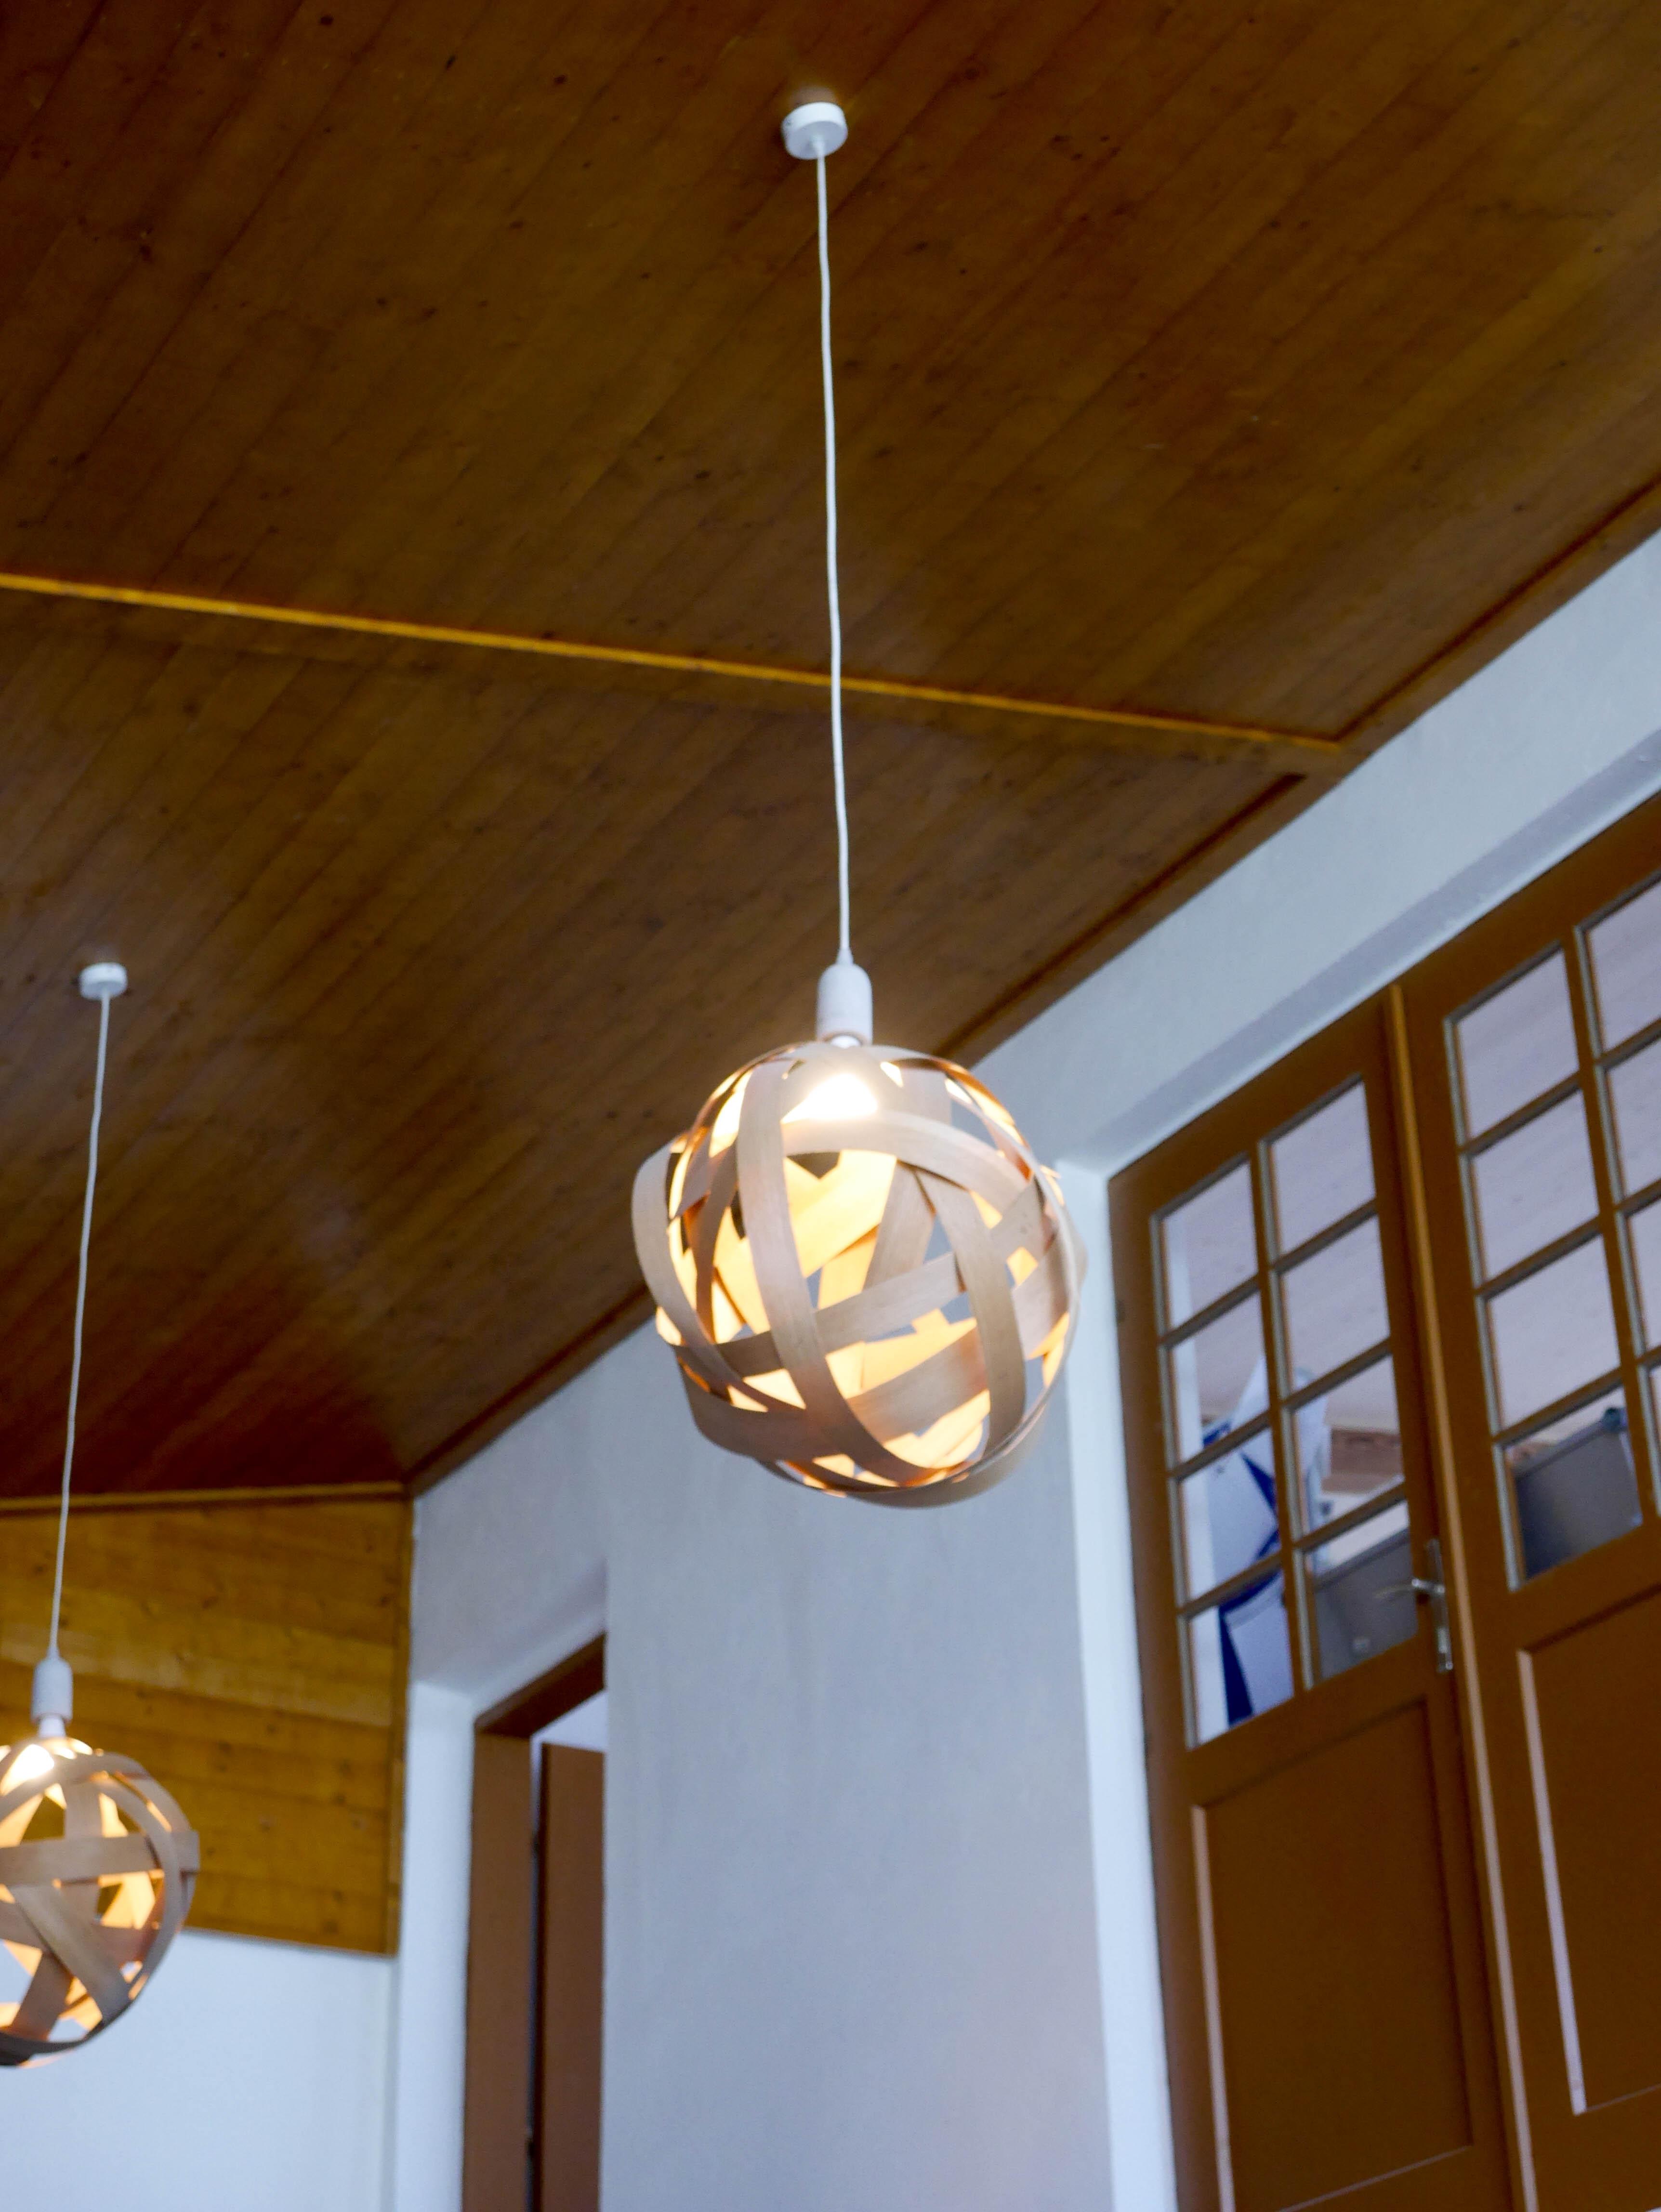 selbstgemachte lampen aus eichen holzfurnier das mundwerk. Black Bedroom Furniture Sets. Home Design Ideas